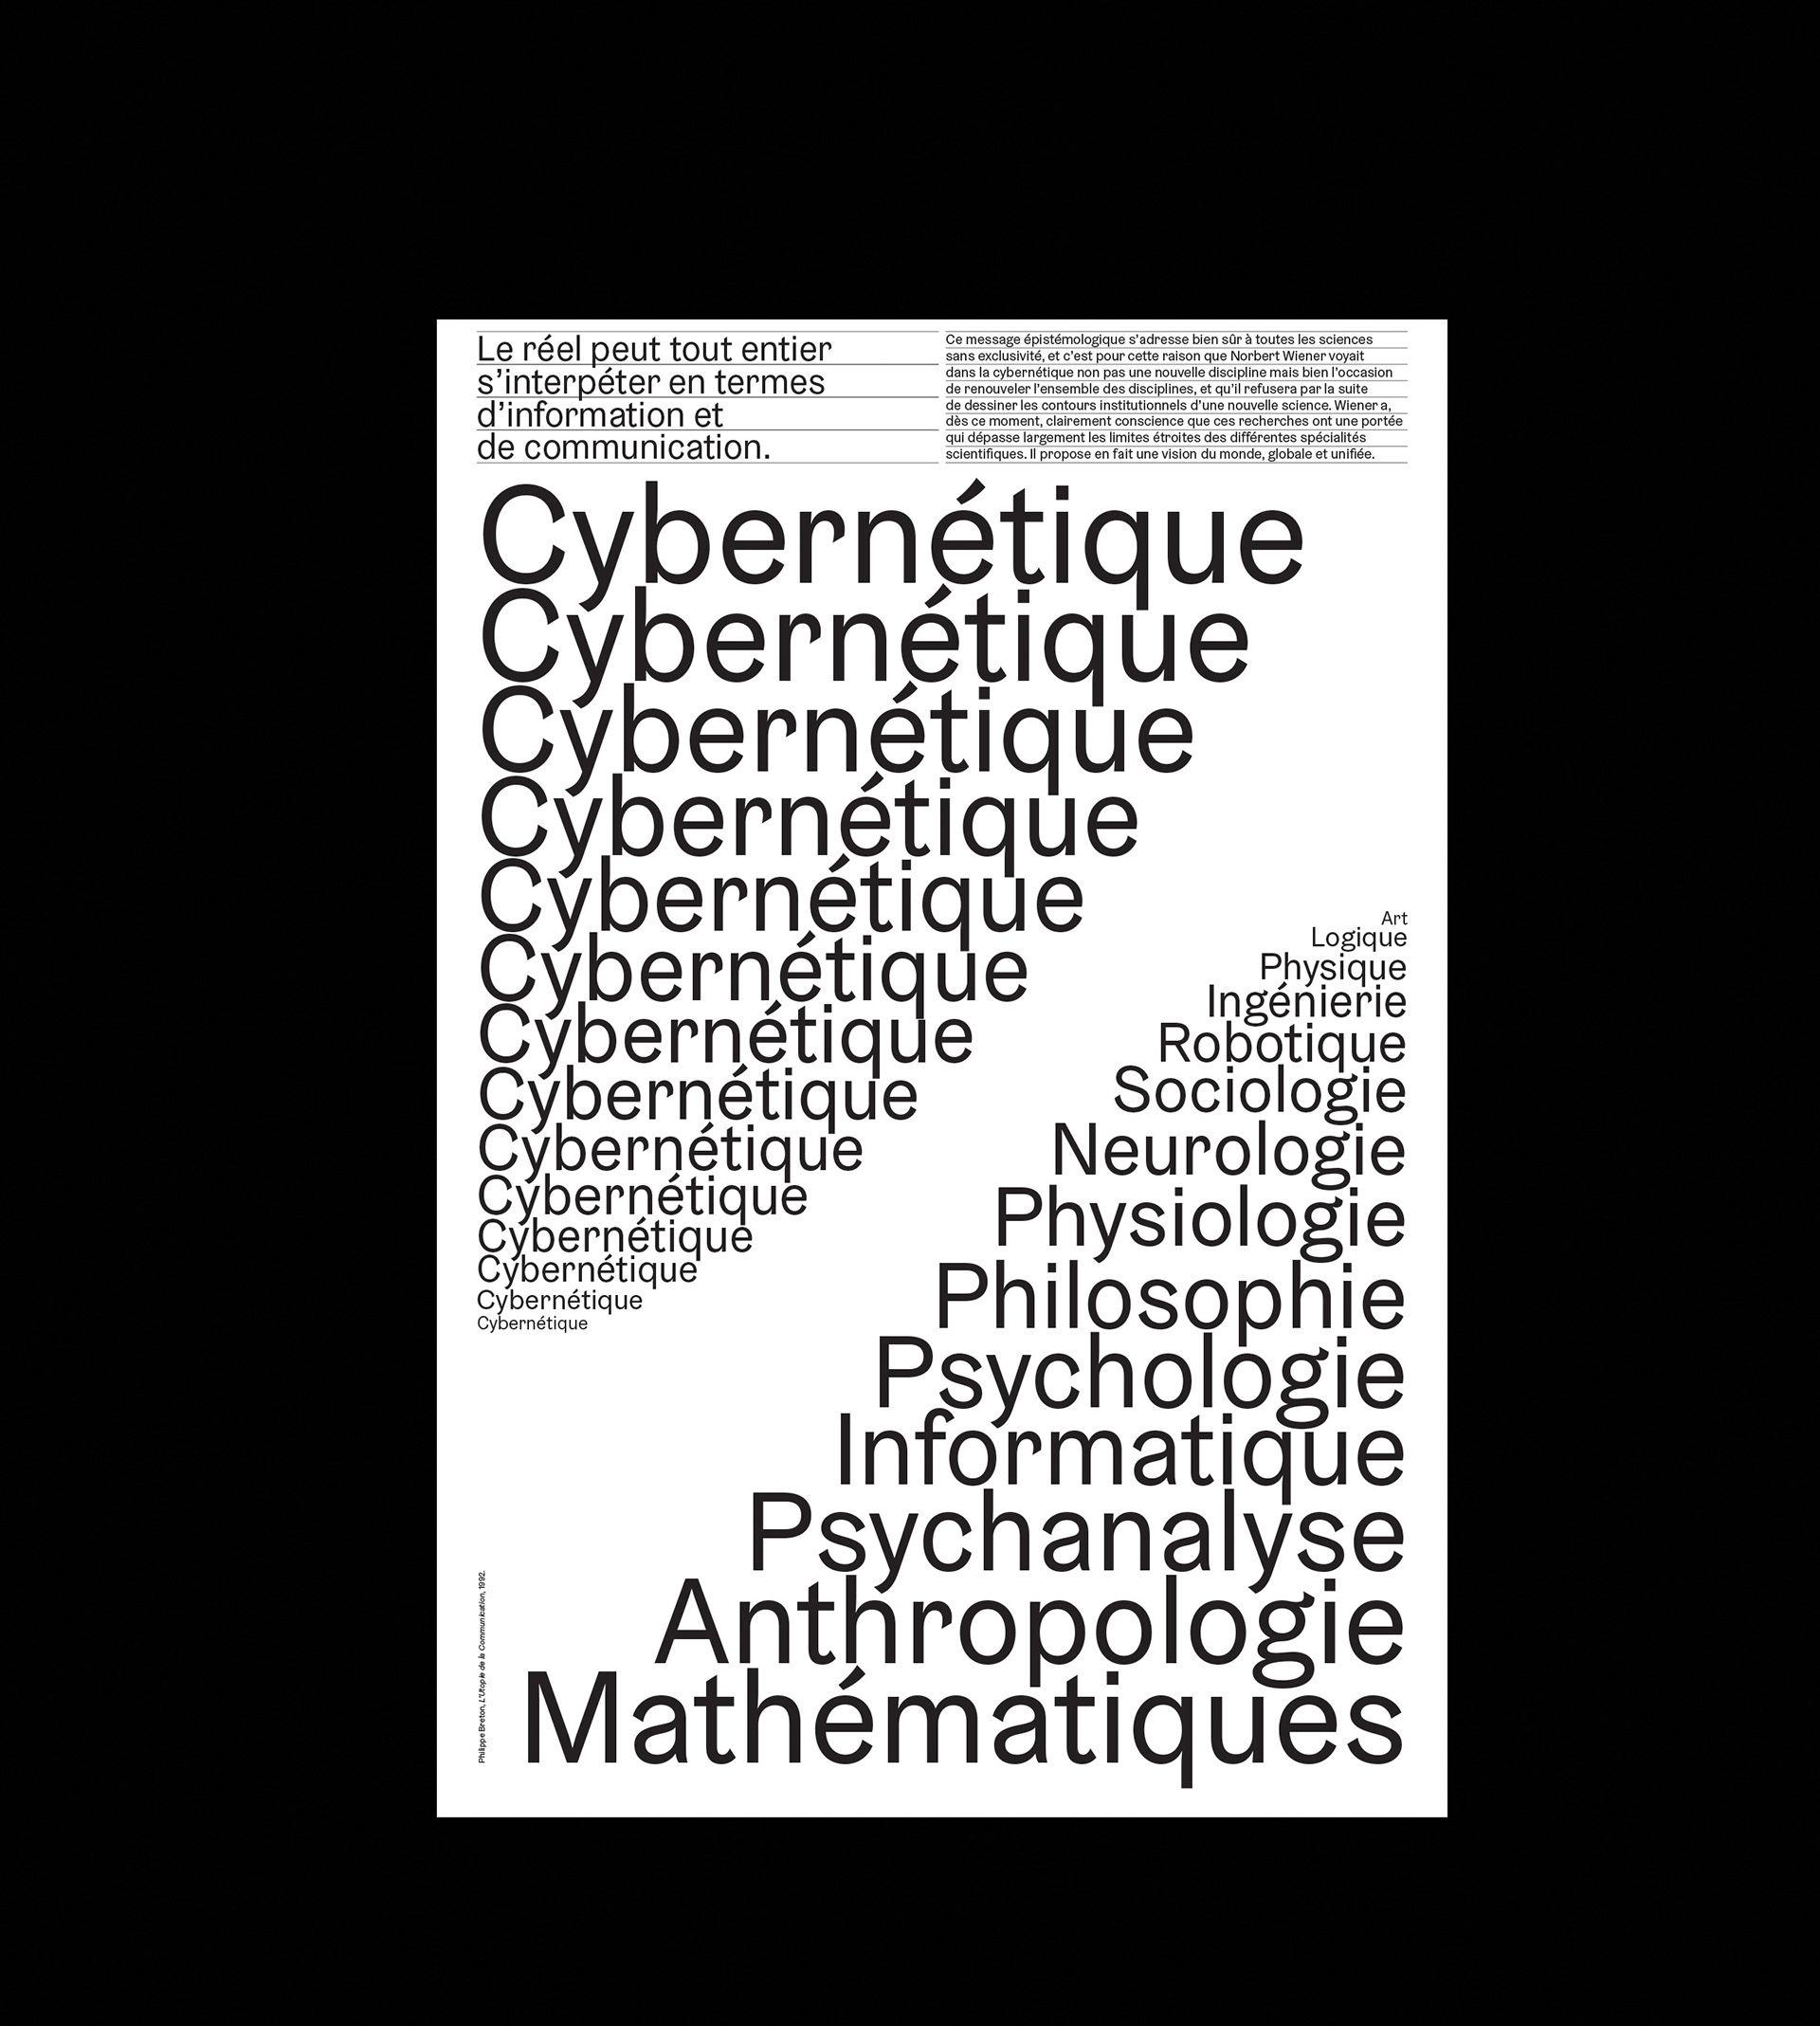 52 Idées De Posters Mise En Page Graphisme Affiche